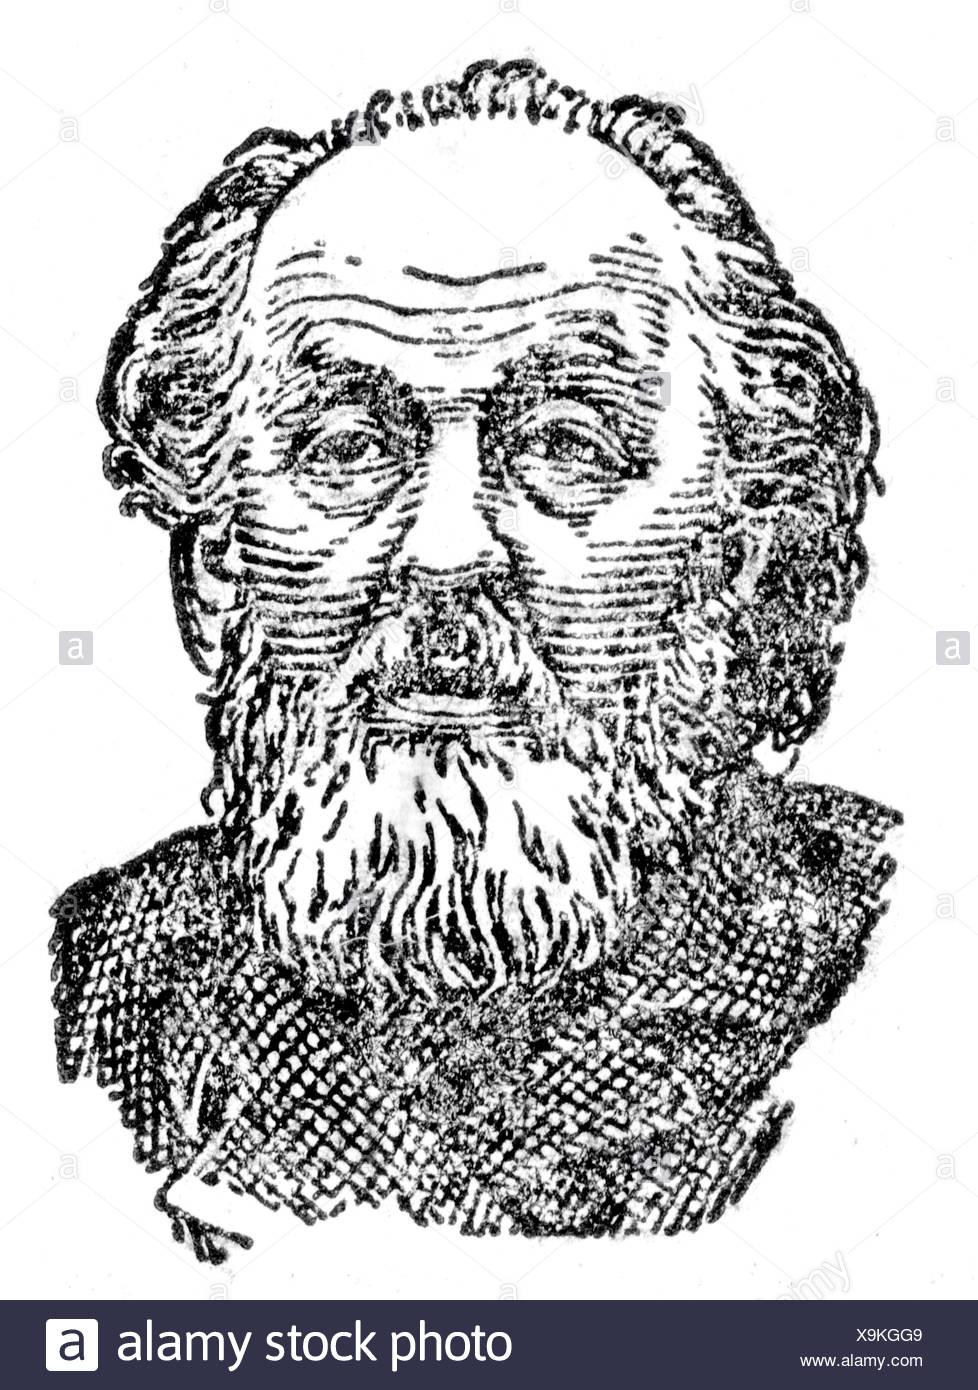 Tsiolkovskii, Konstantin Eduardovich, 17.9.1857 - 19.9.1935, russischer Physiker, Mathematikhistoriker, Pionier der Raumfahrttheorie, Porträt, Holzgravur, Stockfoto